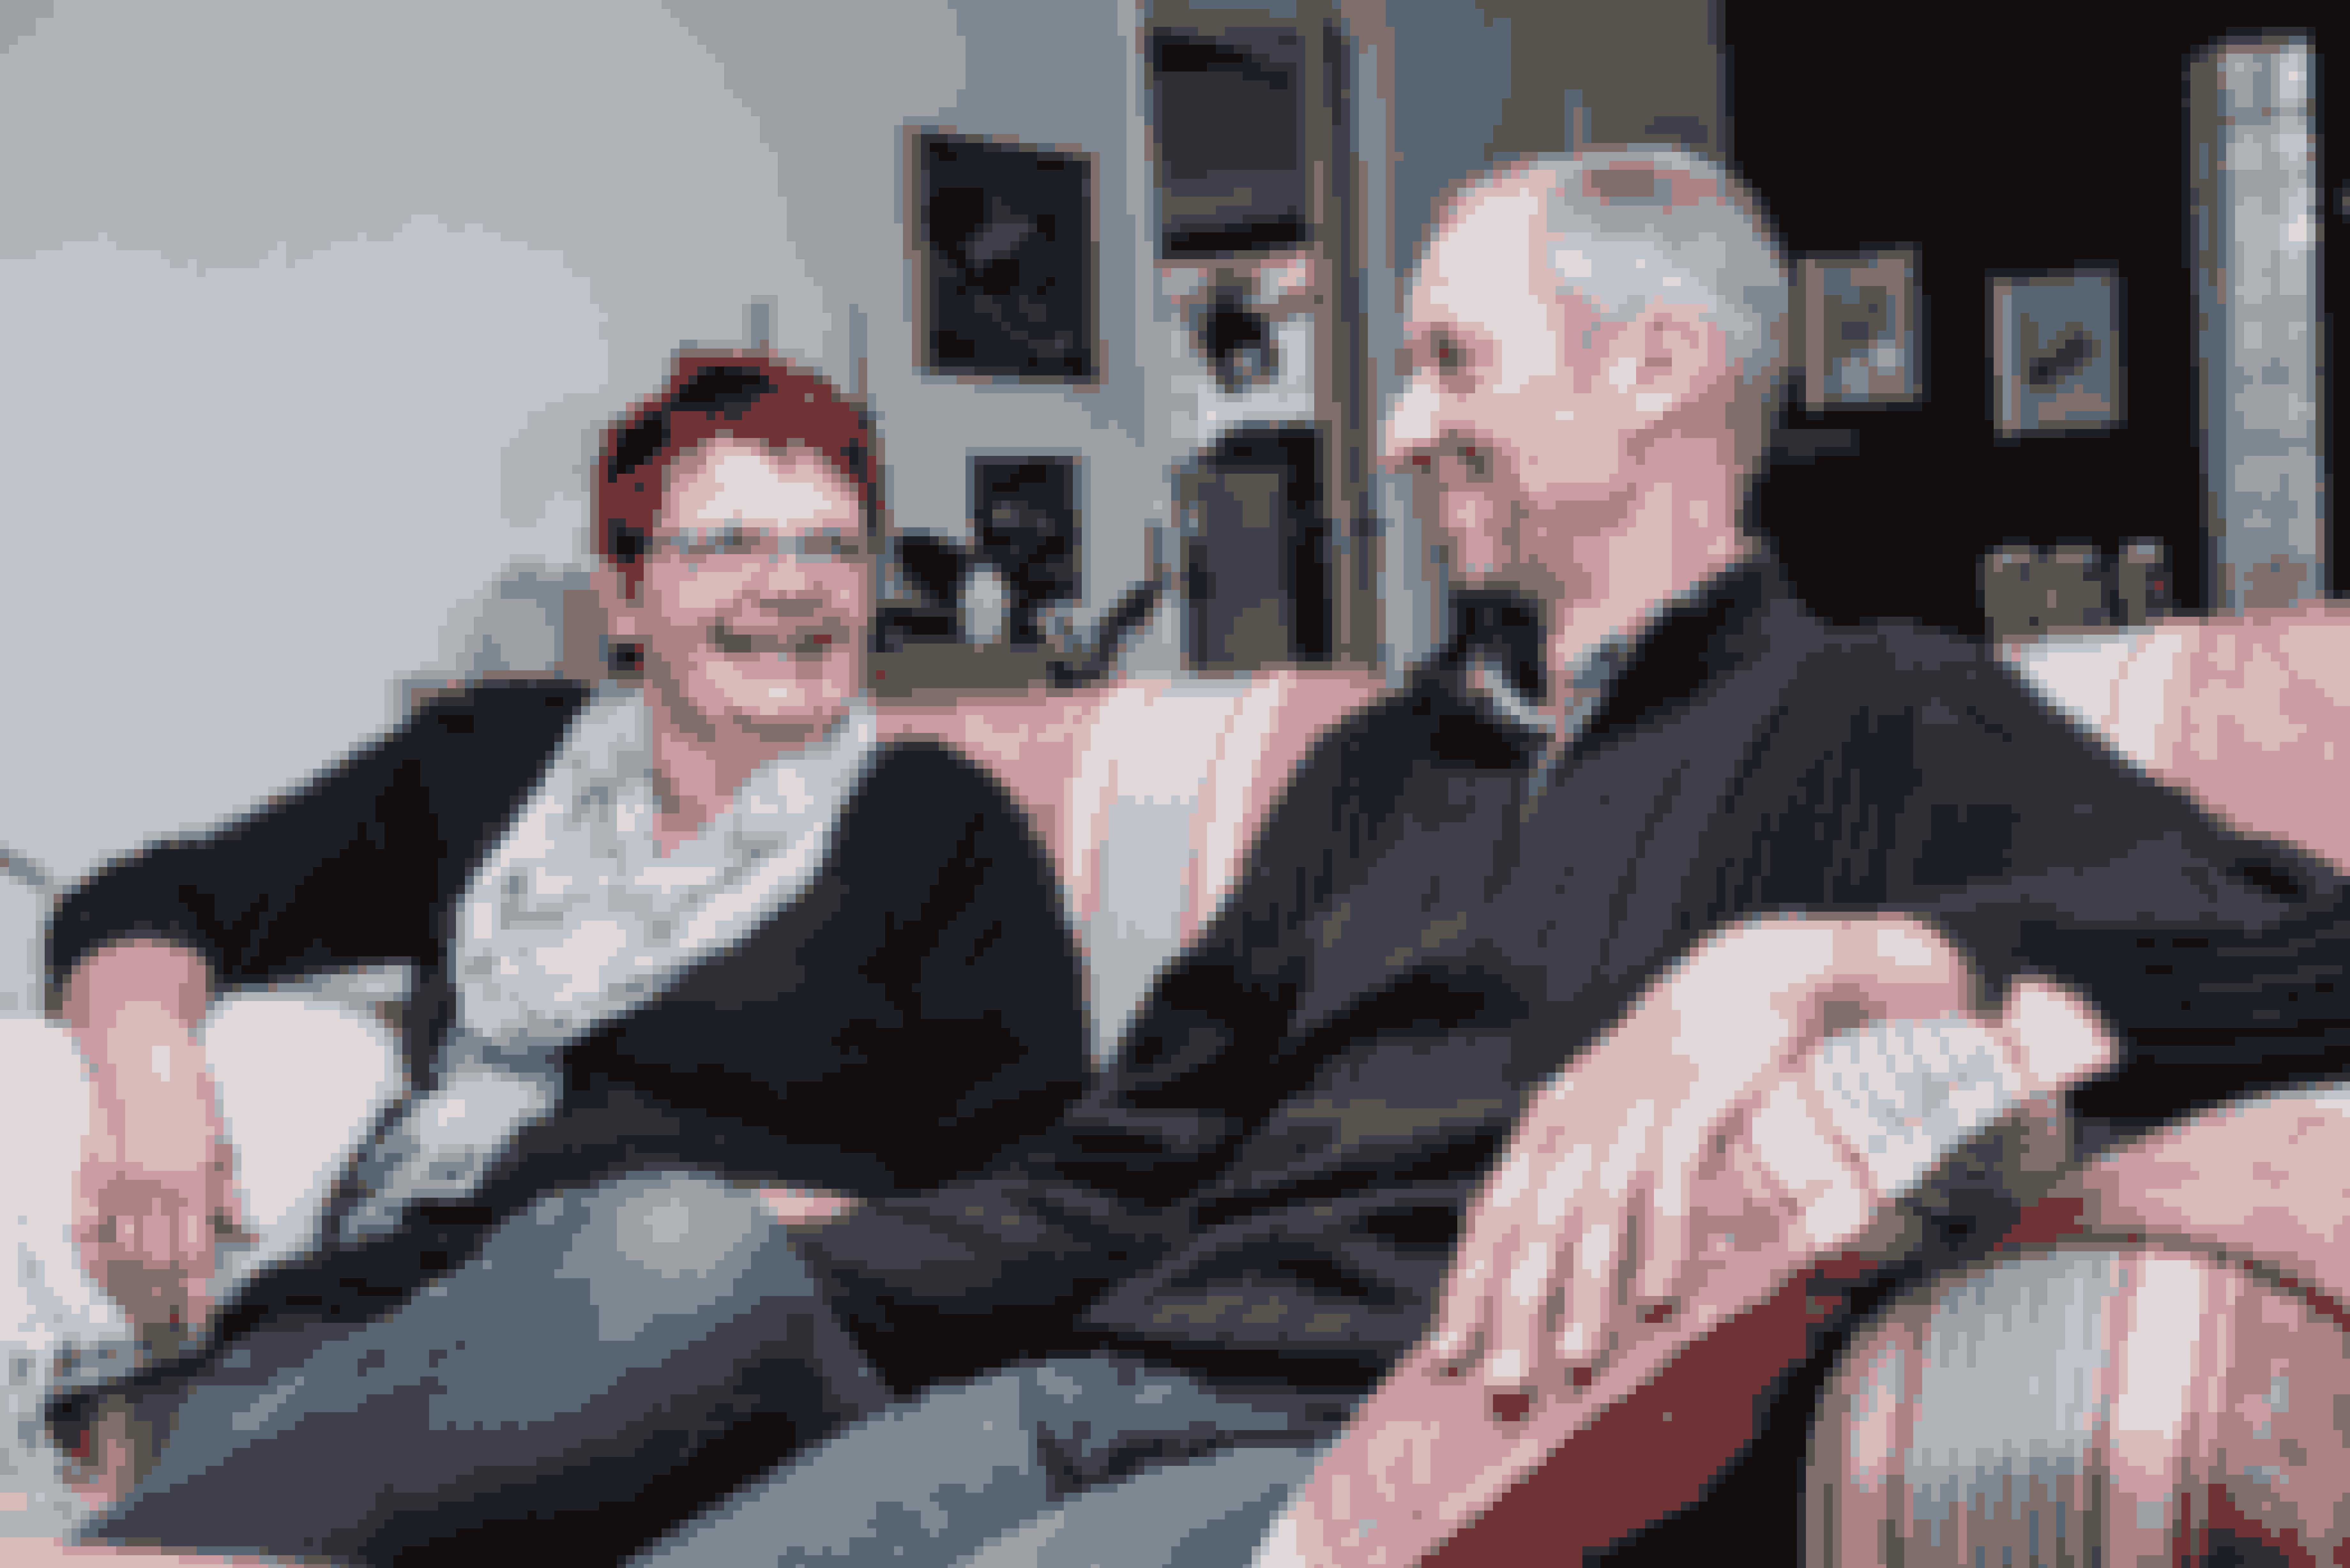 Gitte har fået styr par stuehuset, siden hun blev frue på gården. Her hygger det nye par sig i den stue, der er fuldstændig forandret efter tv-udsendelse. Nye møbler, nymalet - og nyforelsket.